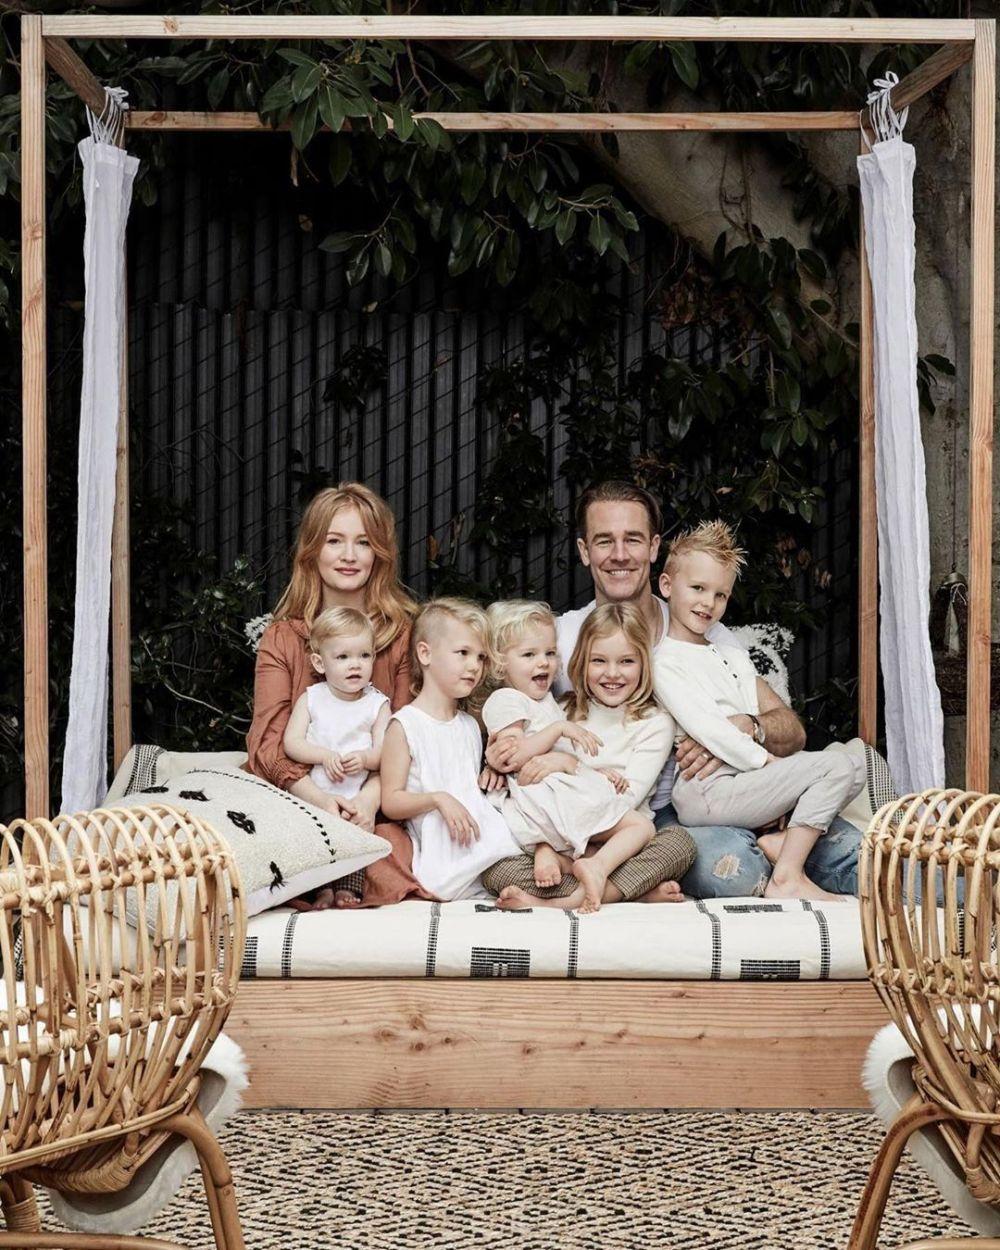 Punya Lima Anak, 10 Potret Kompak James Van Der Beek dan Keluarga